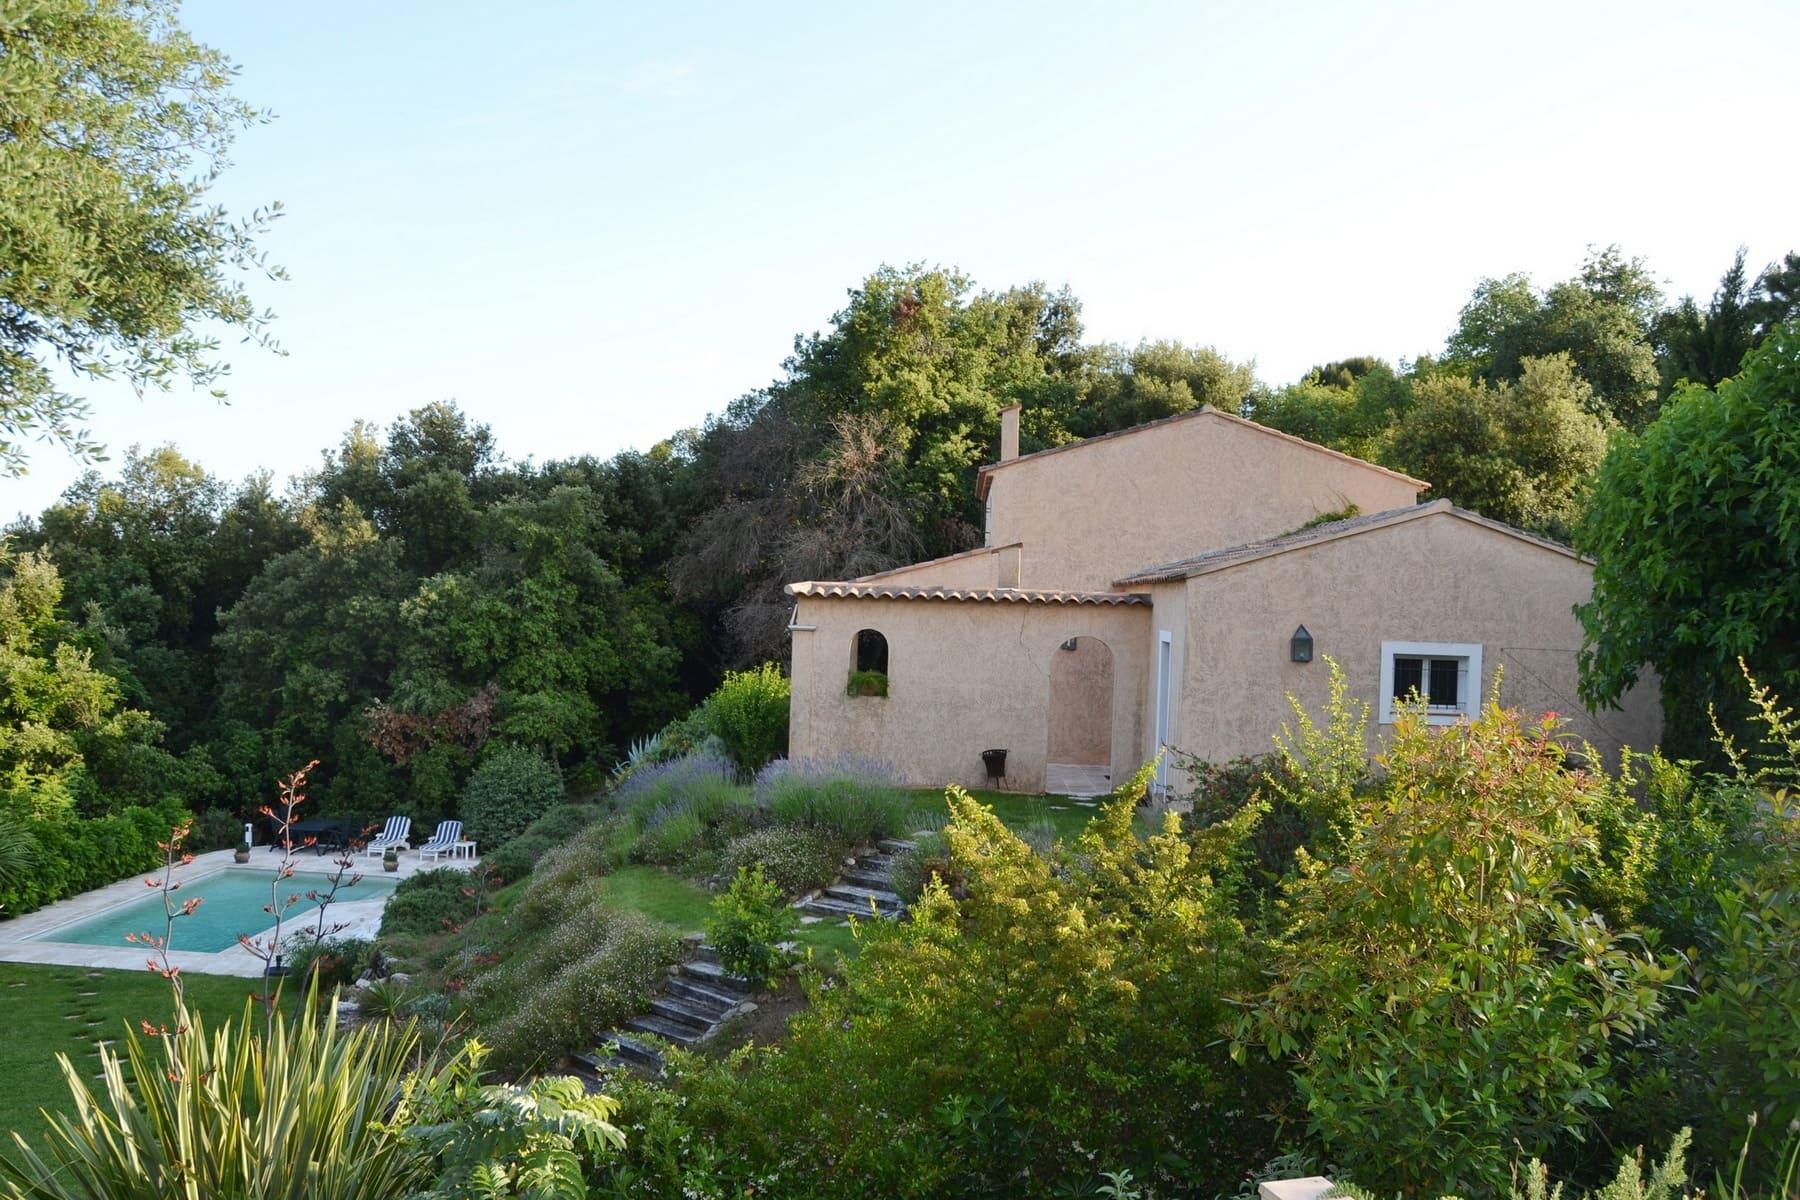 Vakantiehuis Zuid Frankrijk - Villa Valbonne met prive zwembad